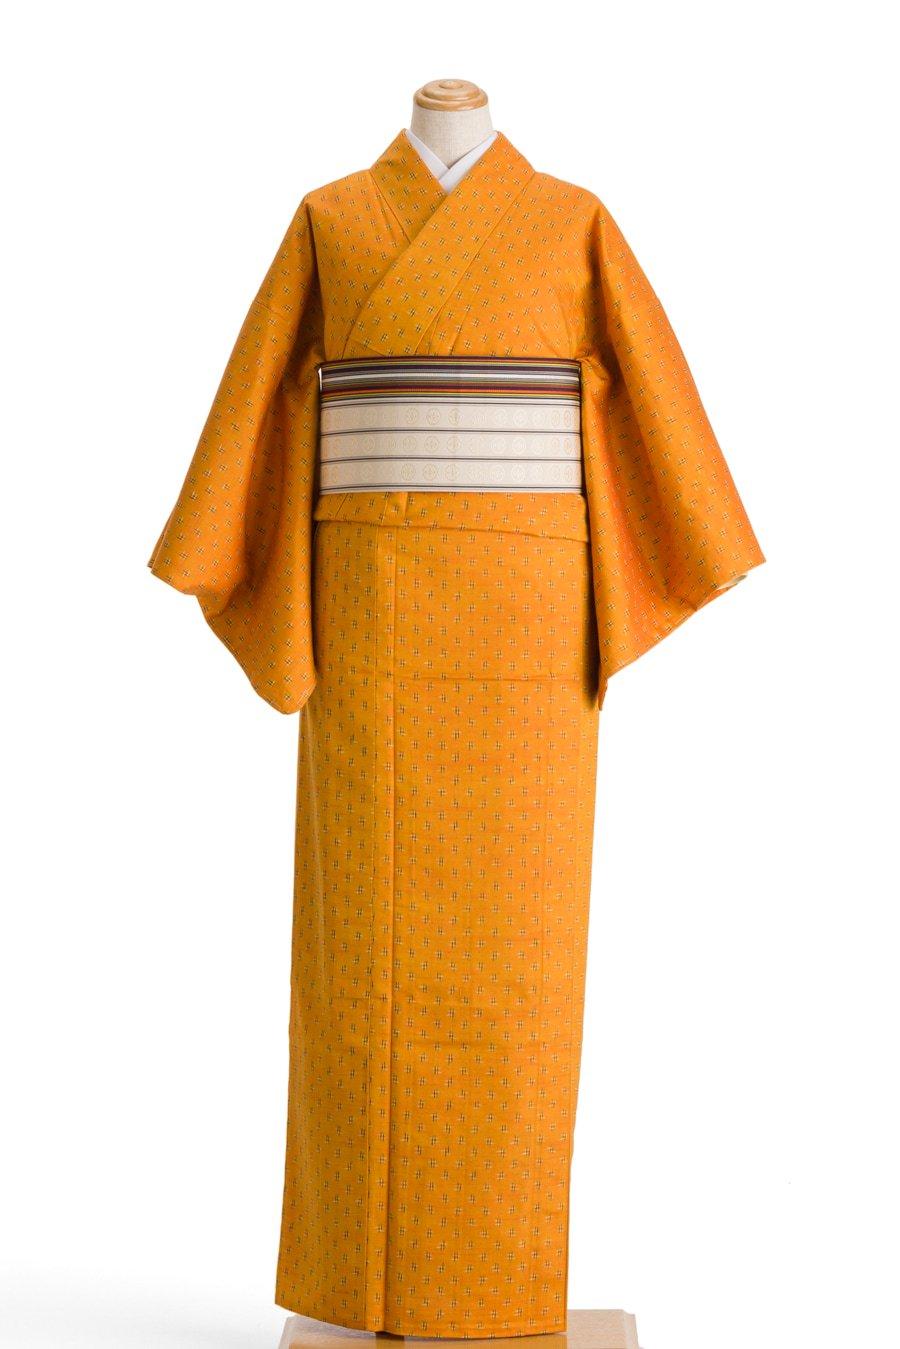 「単衣 紬 蜜柑色に井桁」の商品画像